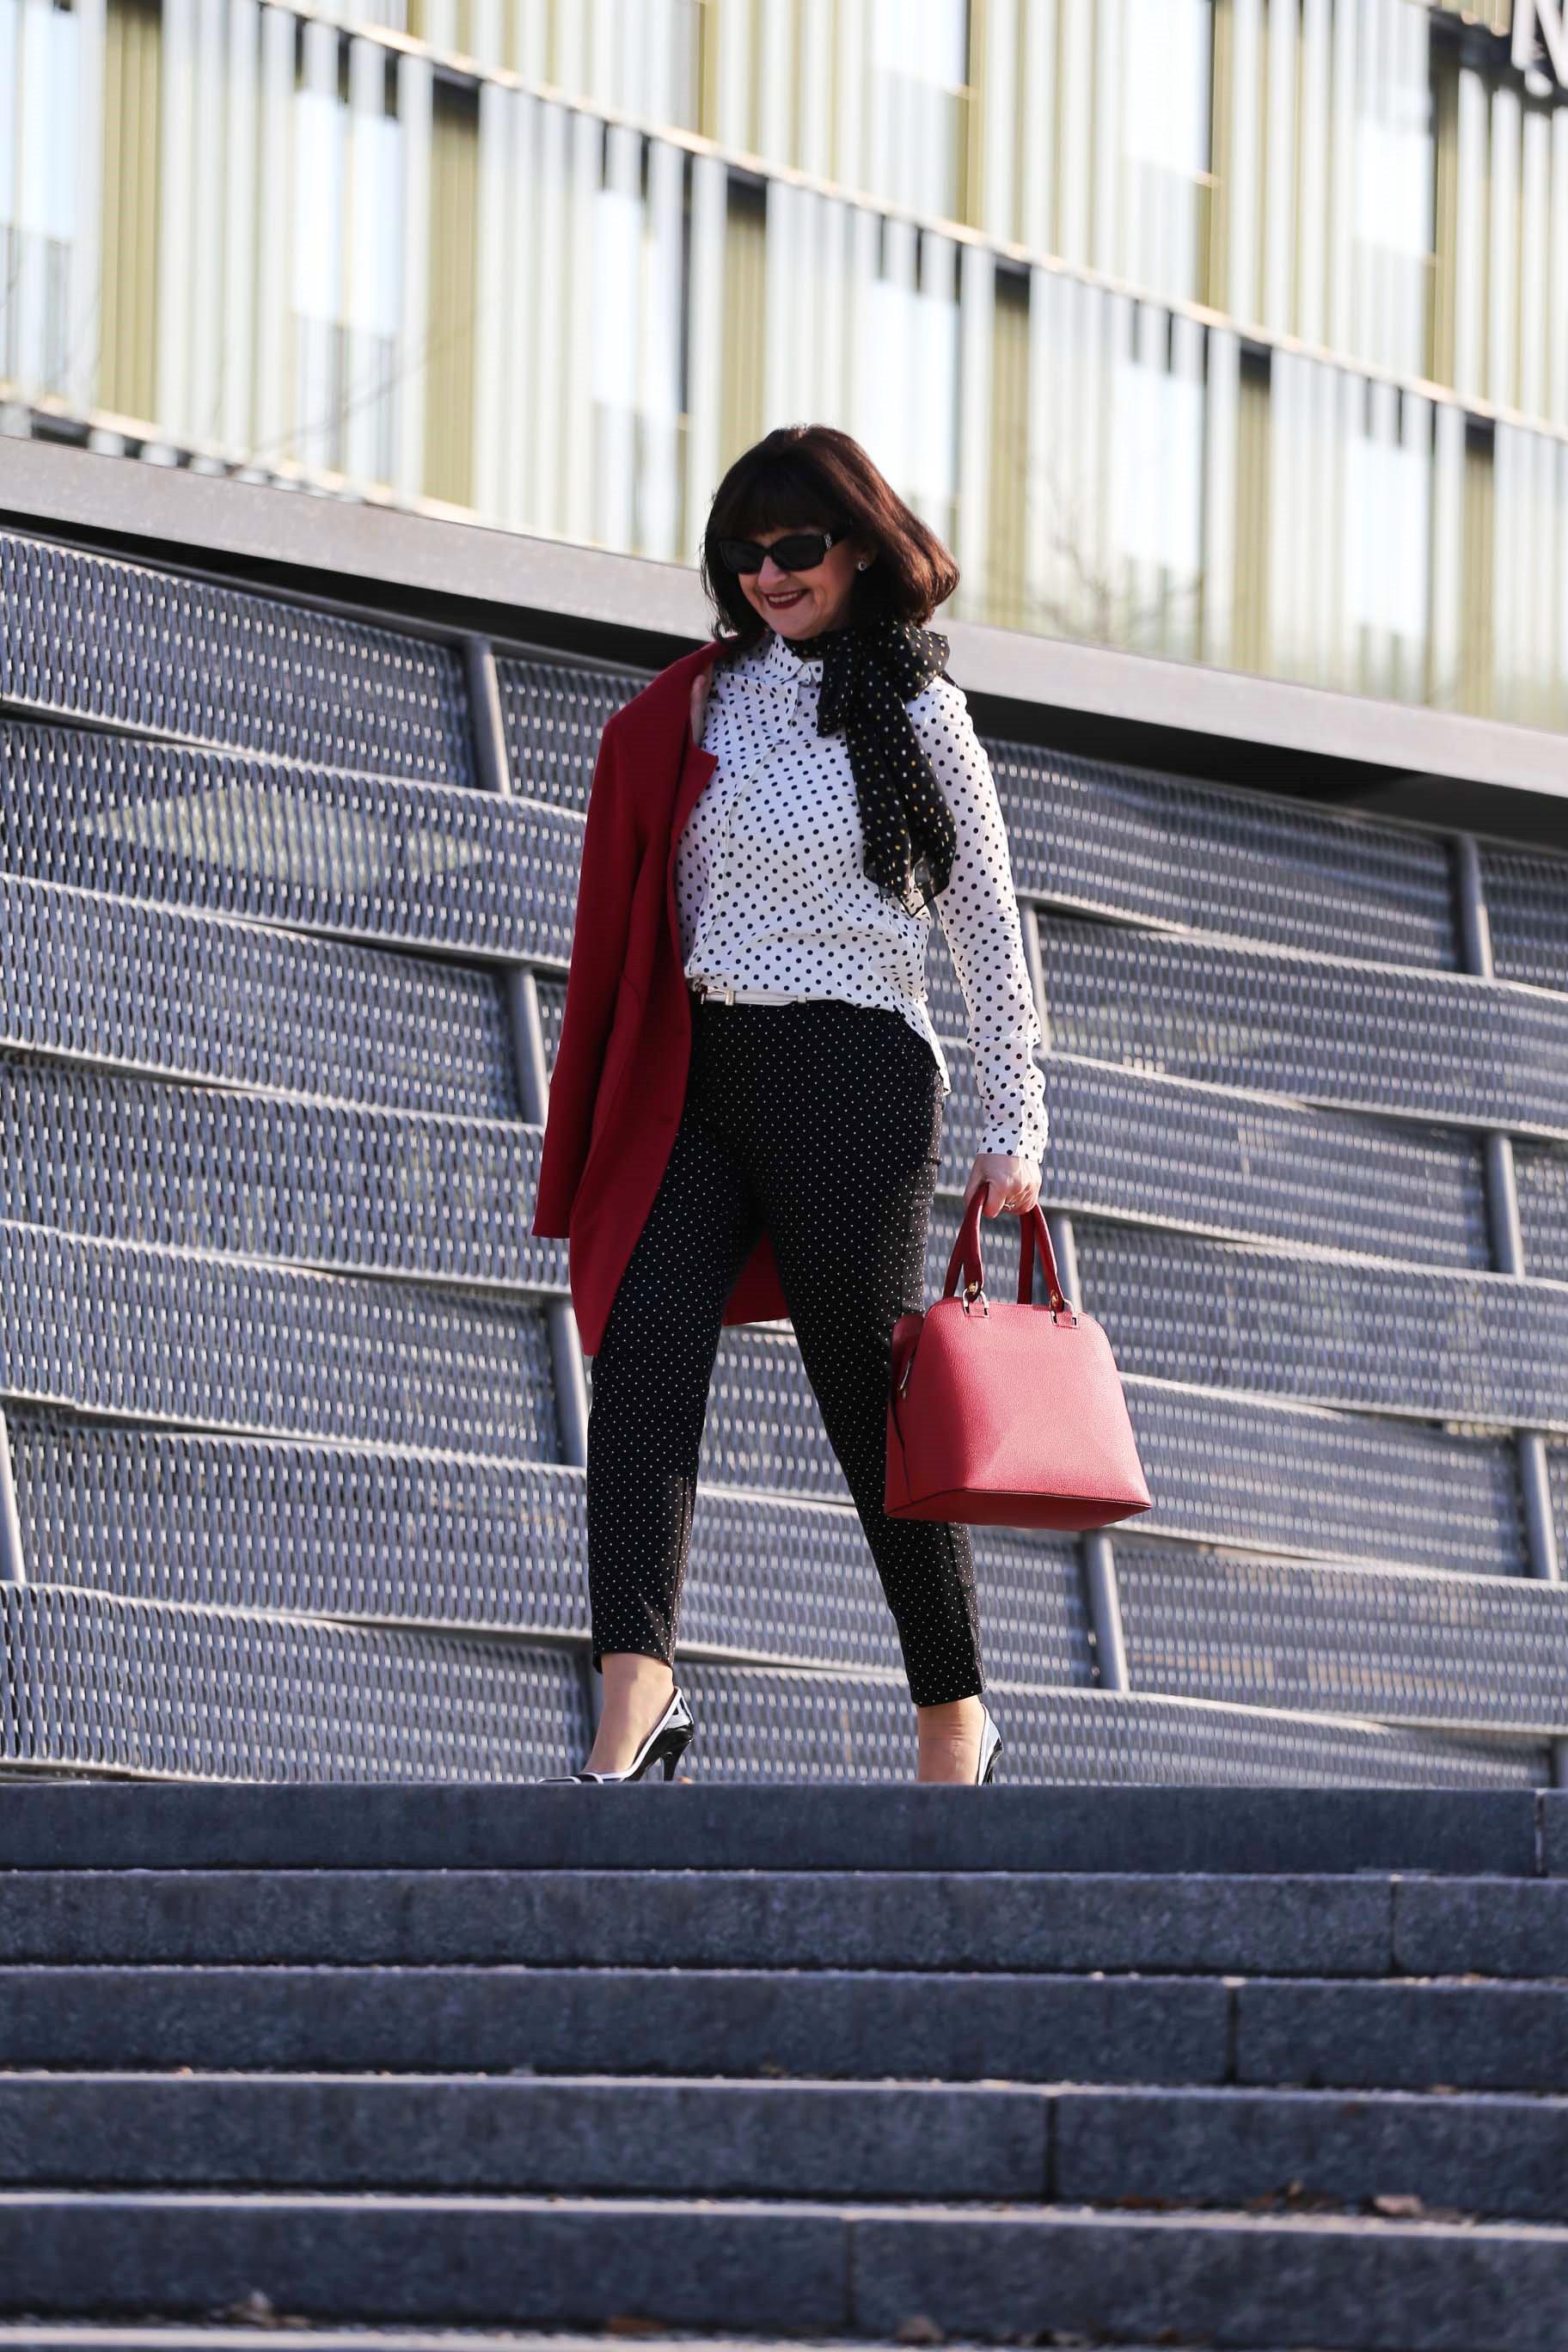 In zahlreichen Fashion Show sind die weißen Tupfen auf schwarzem Grund,  oder schwarze Tupfen auf weißem Grund gerade wieder extrem angesagt. 0845a50657